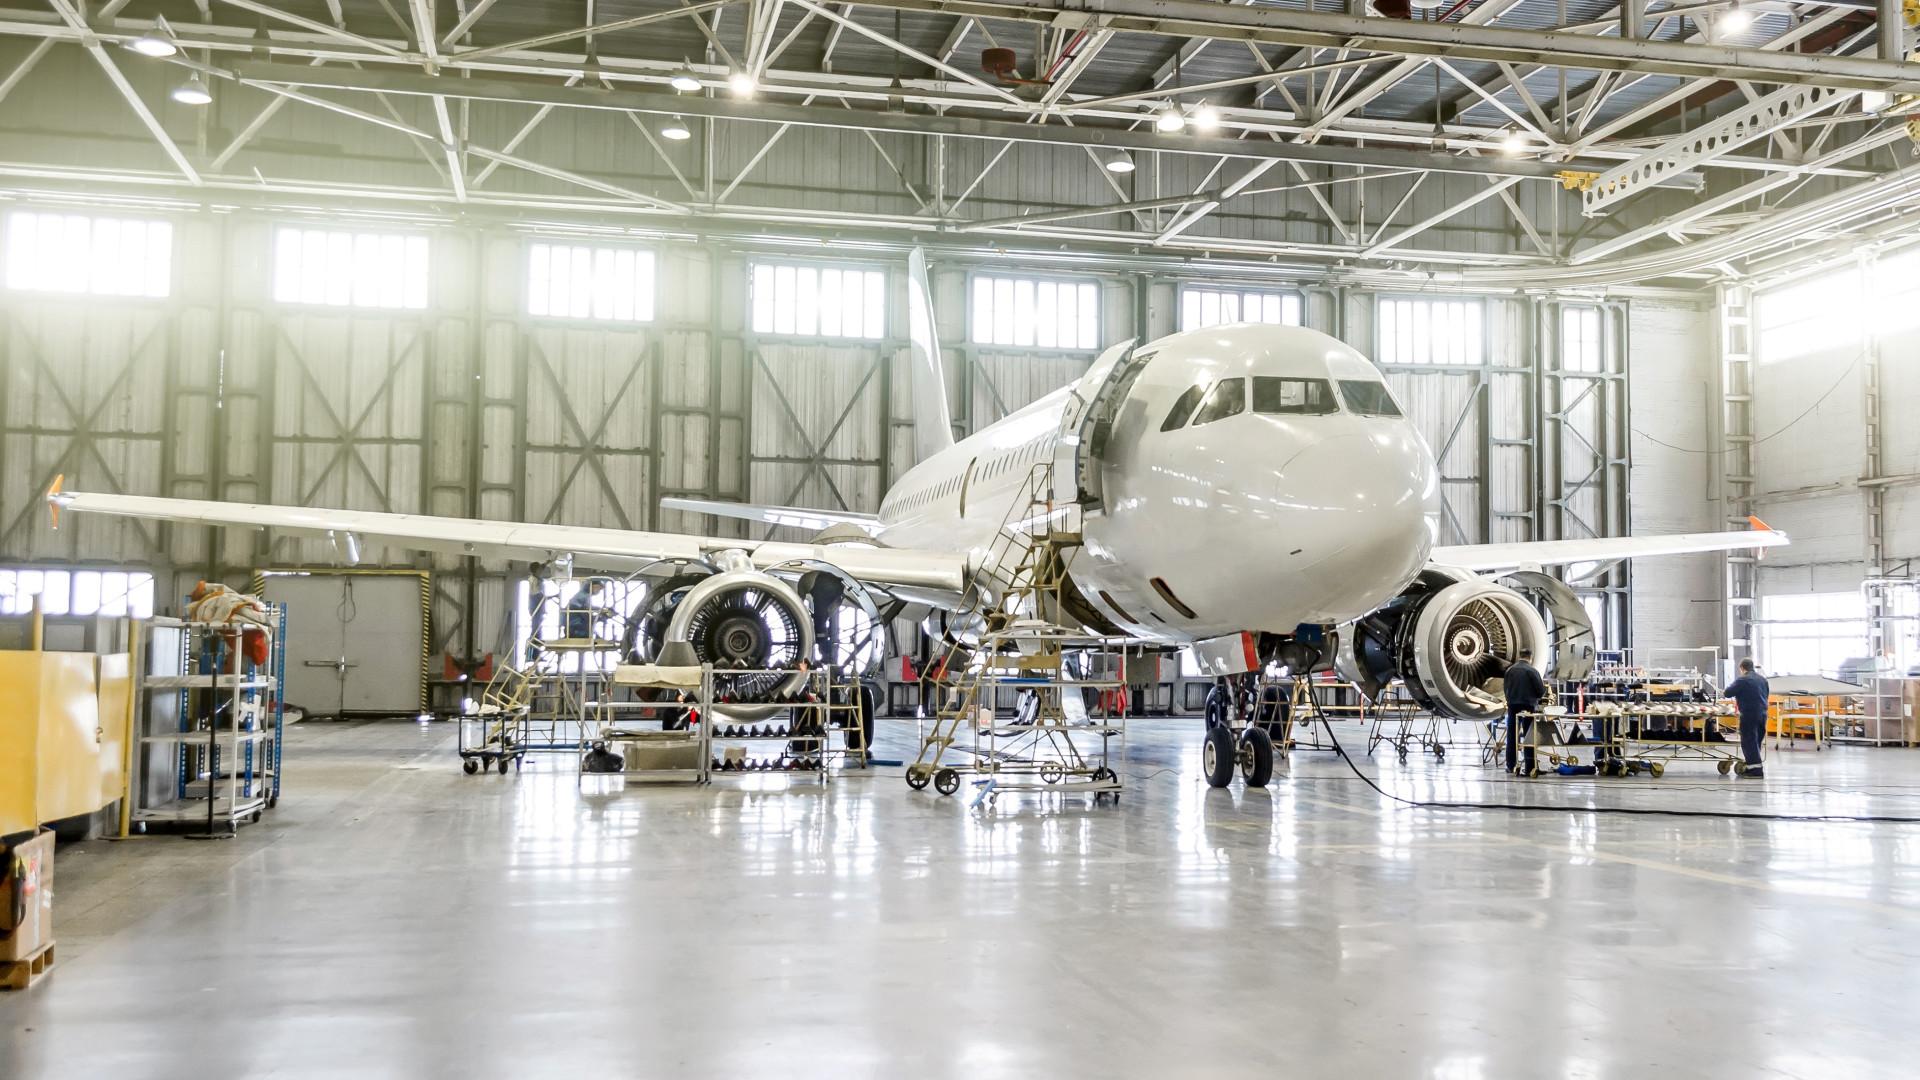 Investimento em Portugal com aposta no setor aeronáutico e industrial